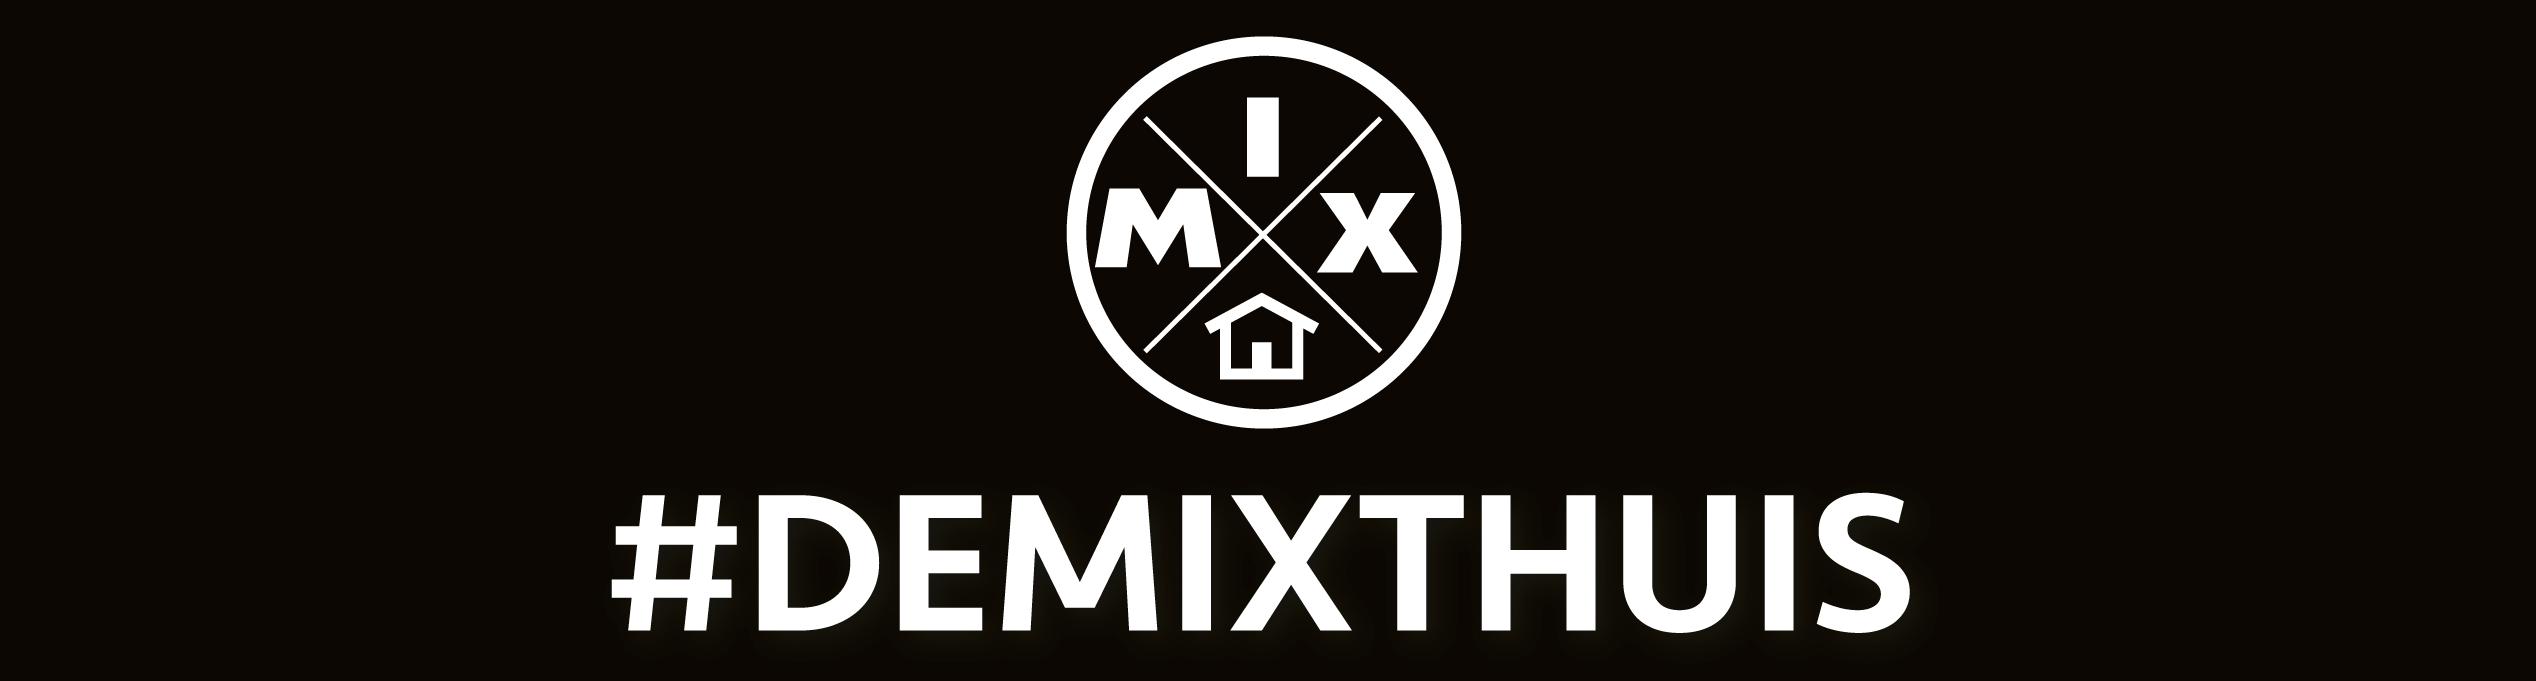 DeMIX Fitness & Leefstijl